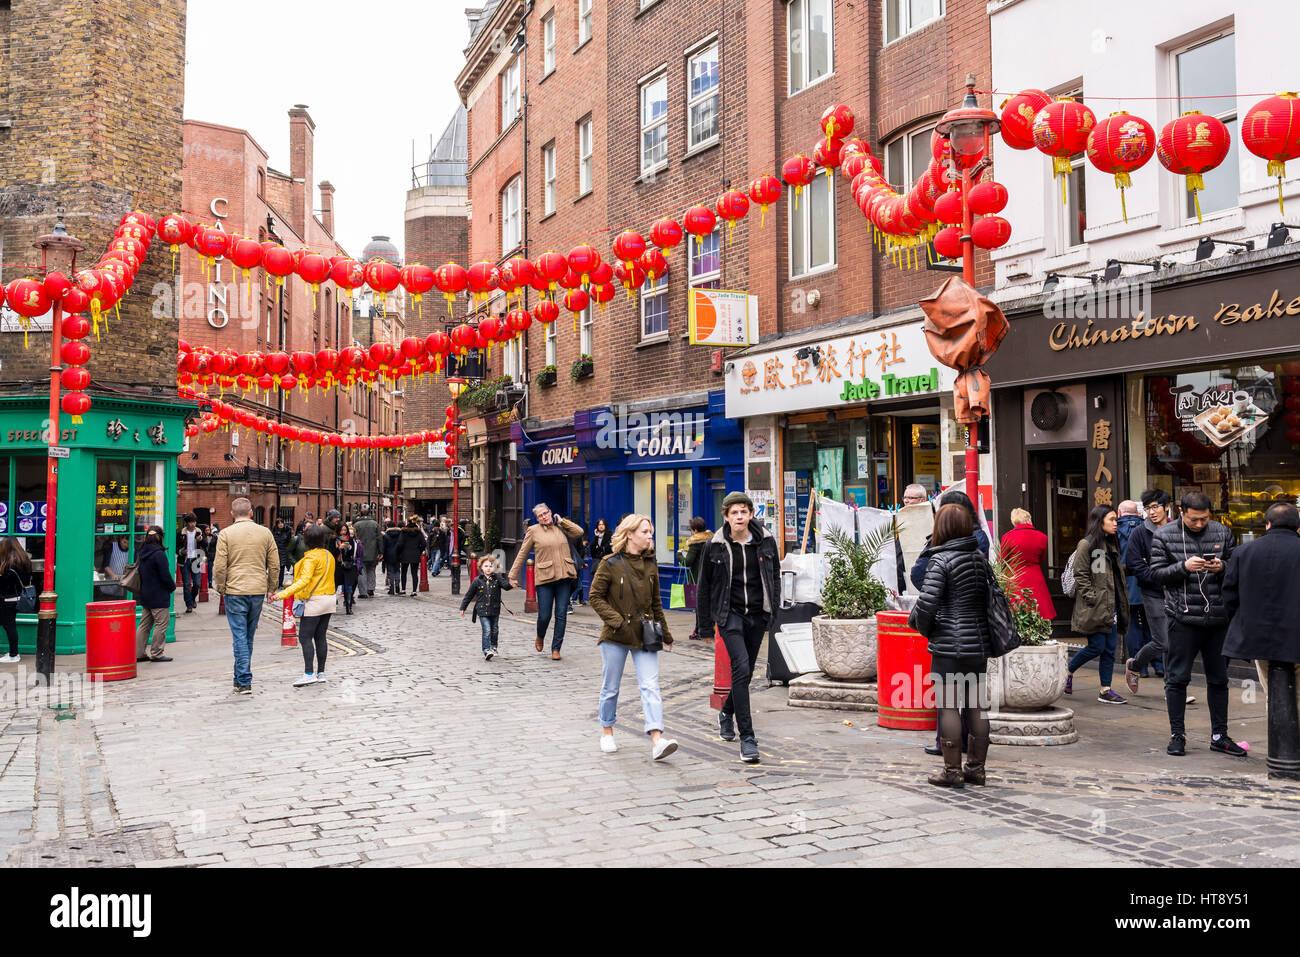 Decorazioni Con Lanterne Cinesi : Persone che camminano in newport luogo decorato con le lanterne